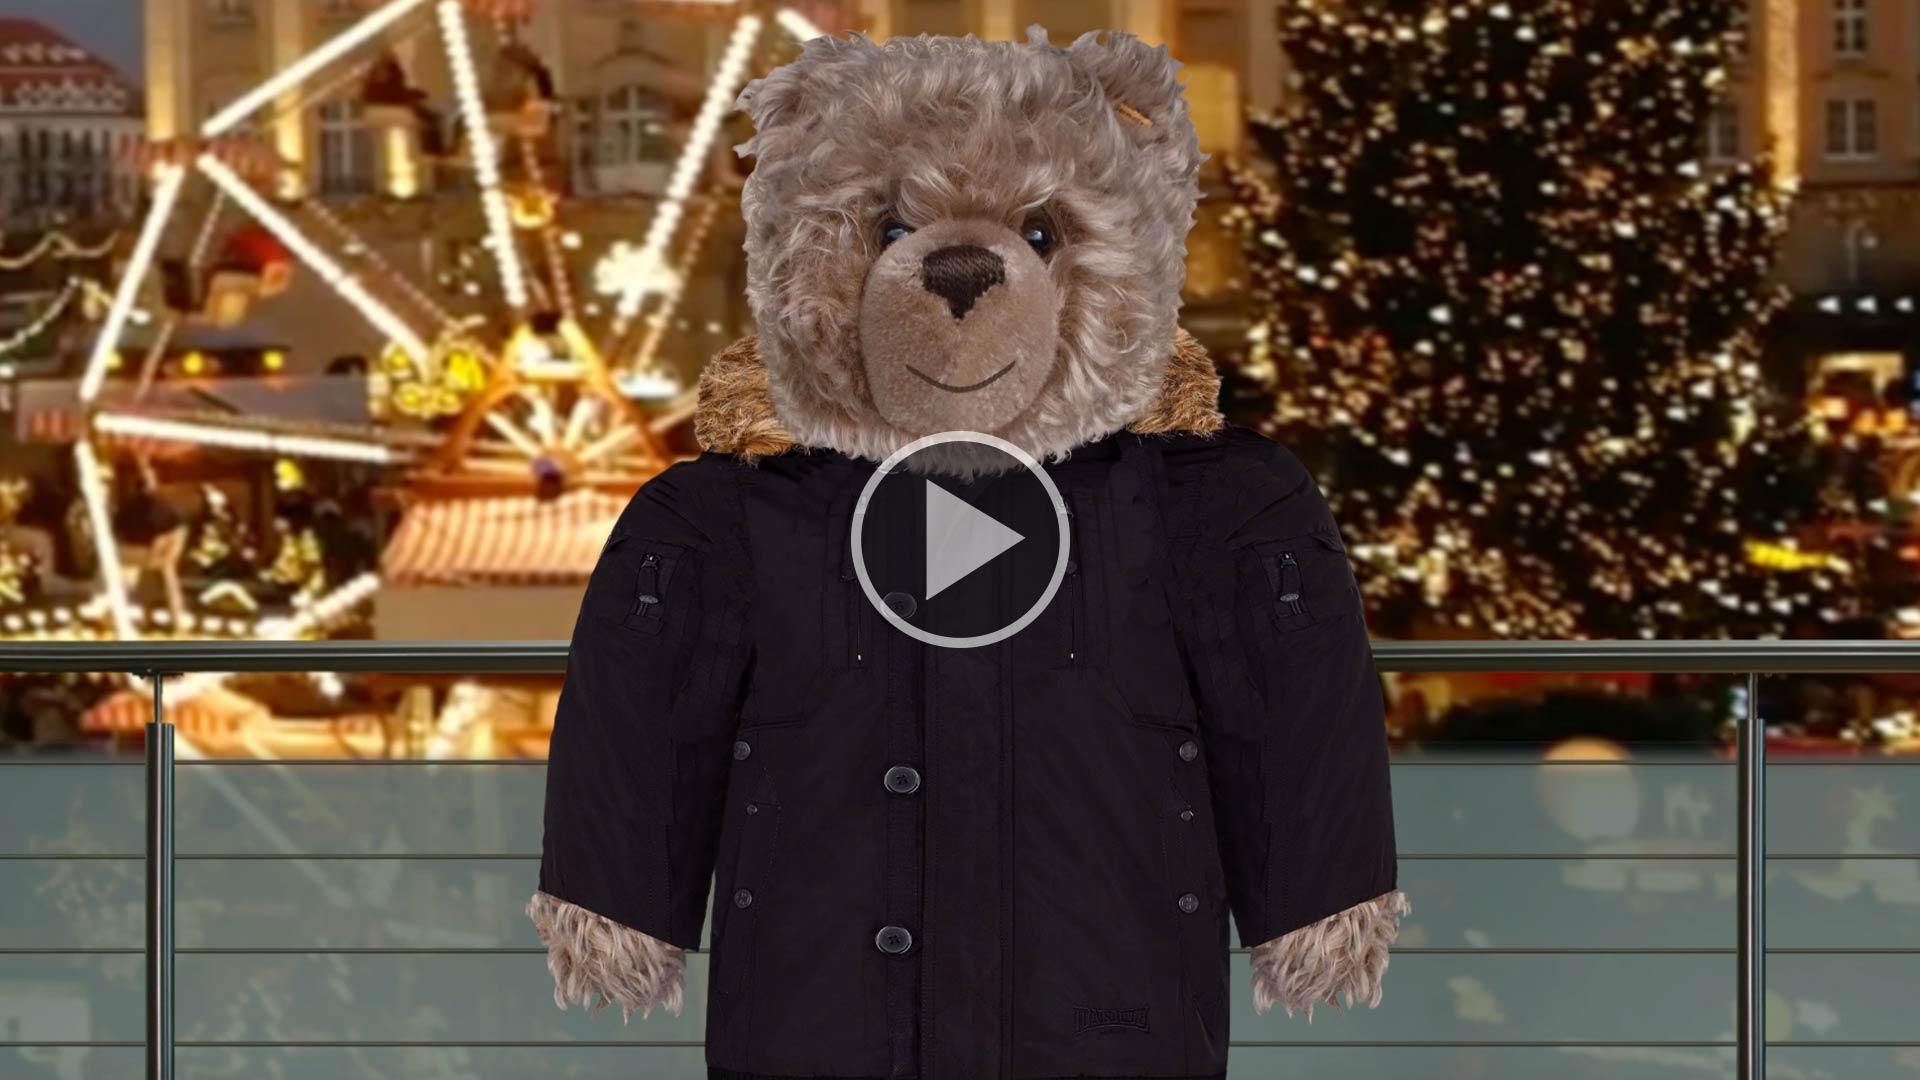 Teddy-König Opa beim Weihnachtsshopping